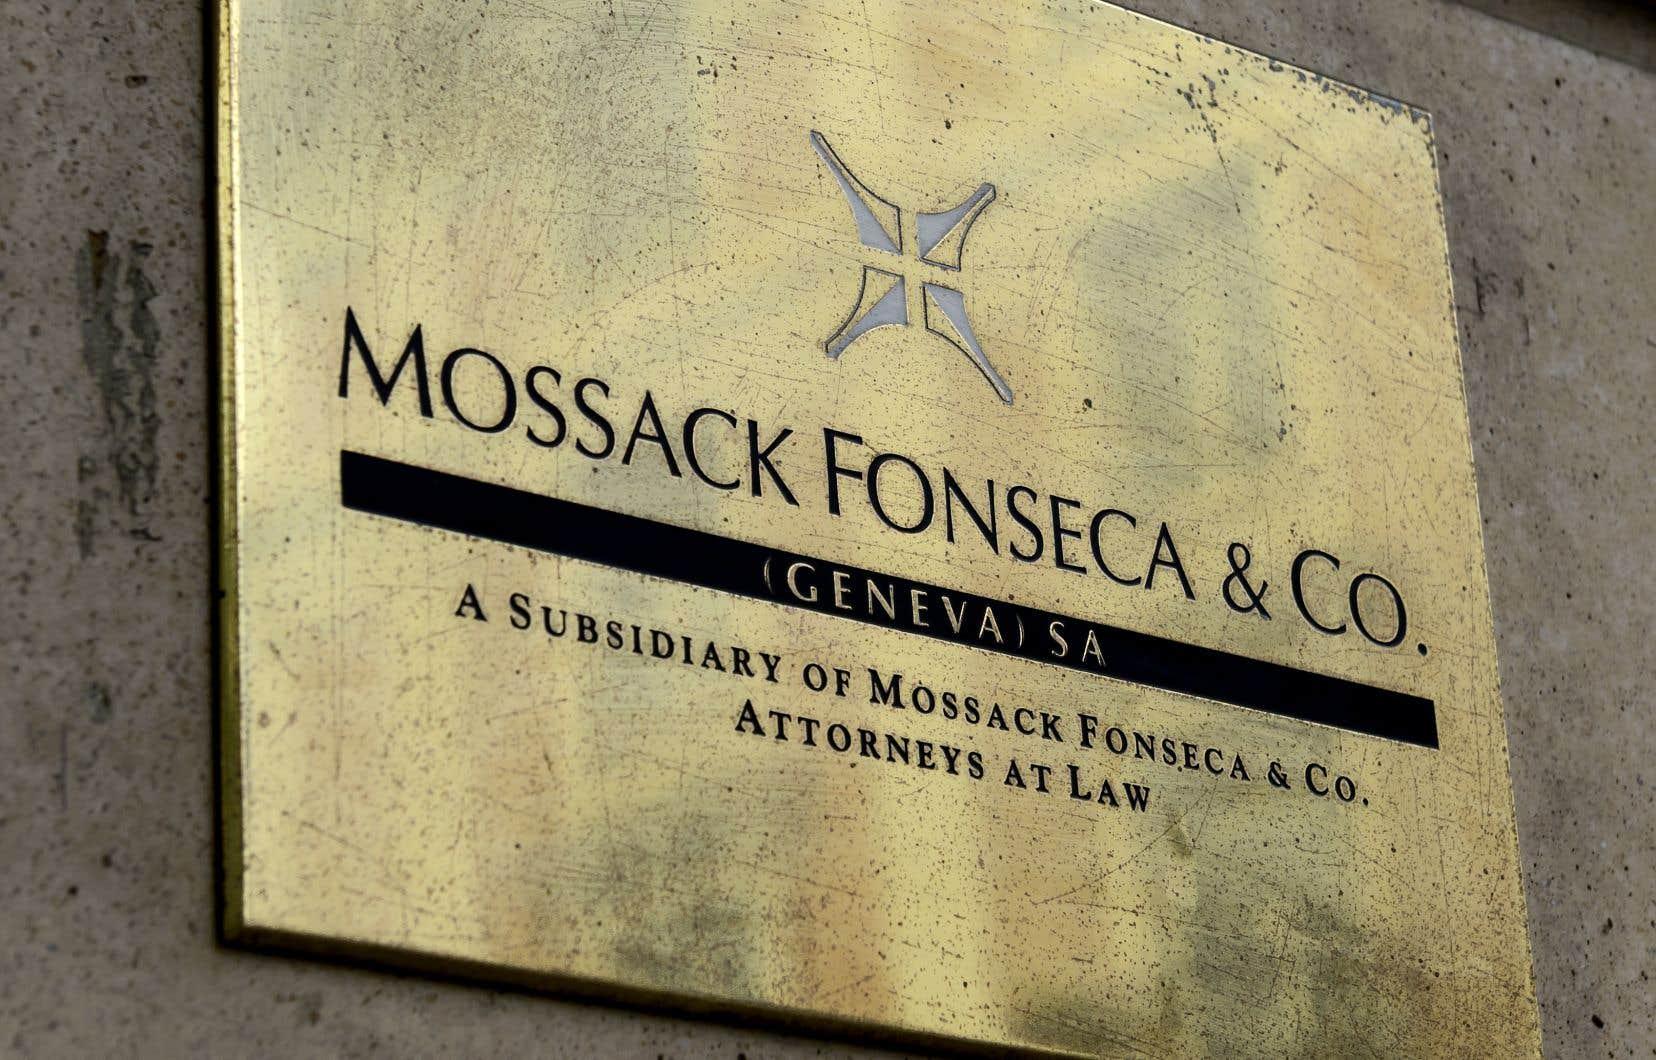 Aucune juridiction n'a entamé de démarche judiciaire contre Mossack Fonseca jusqu'à ce jour.